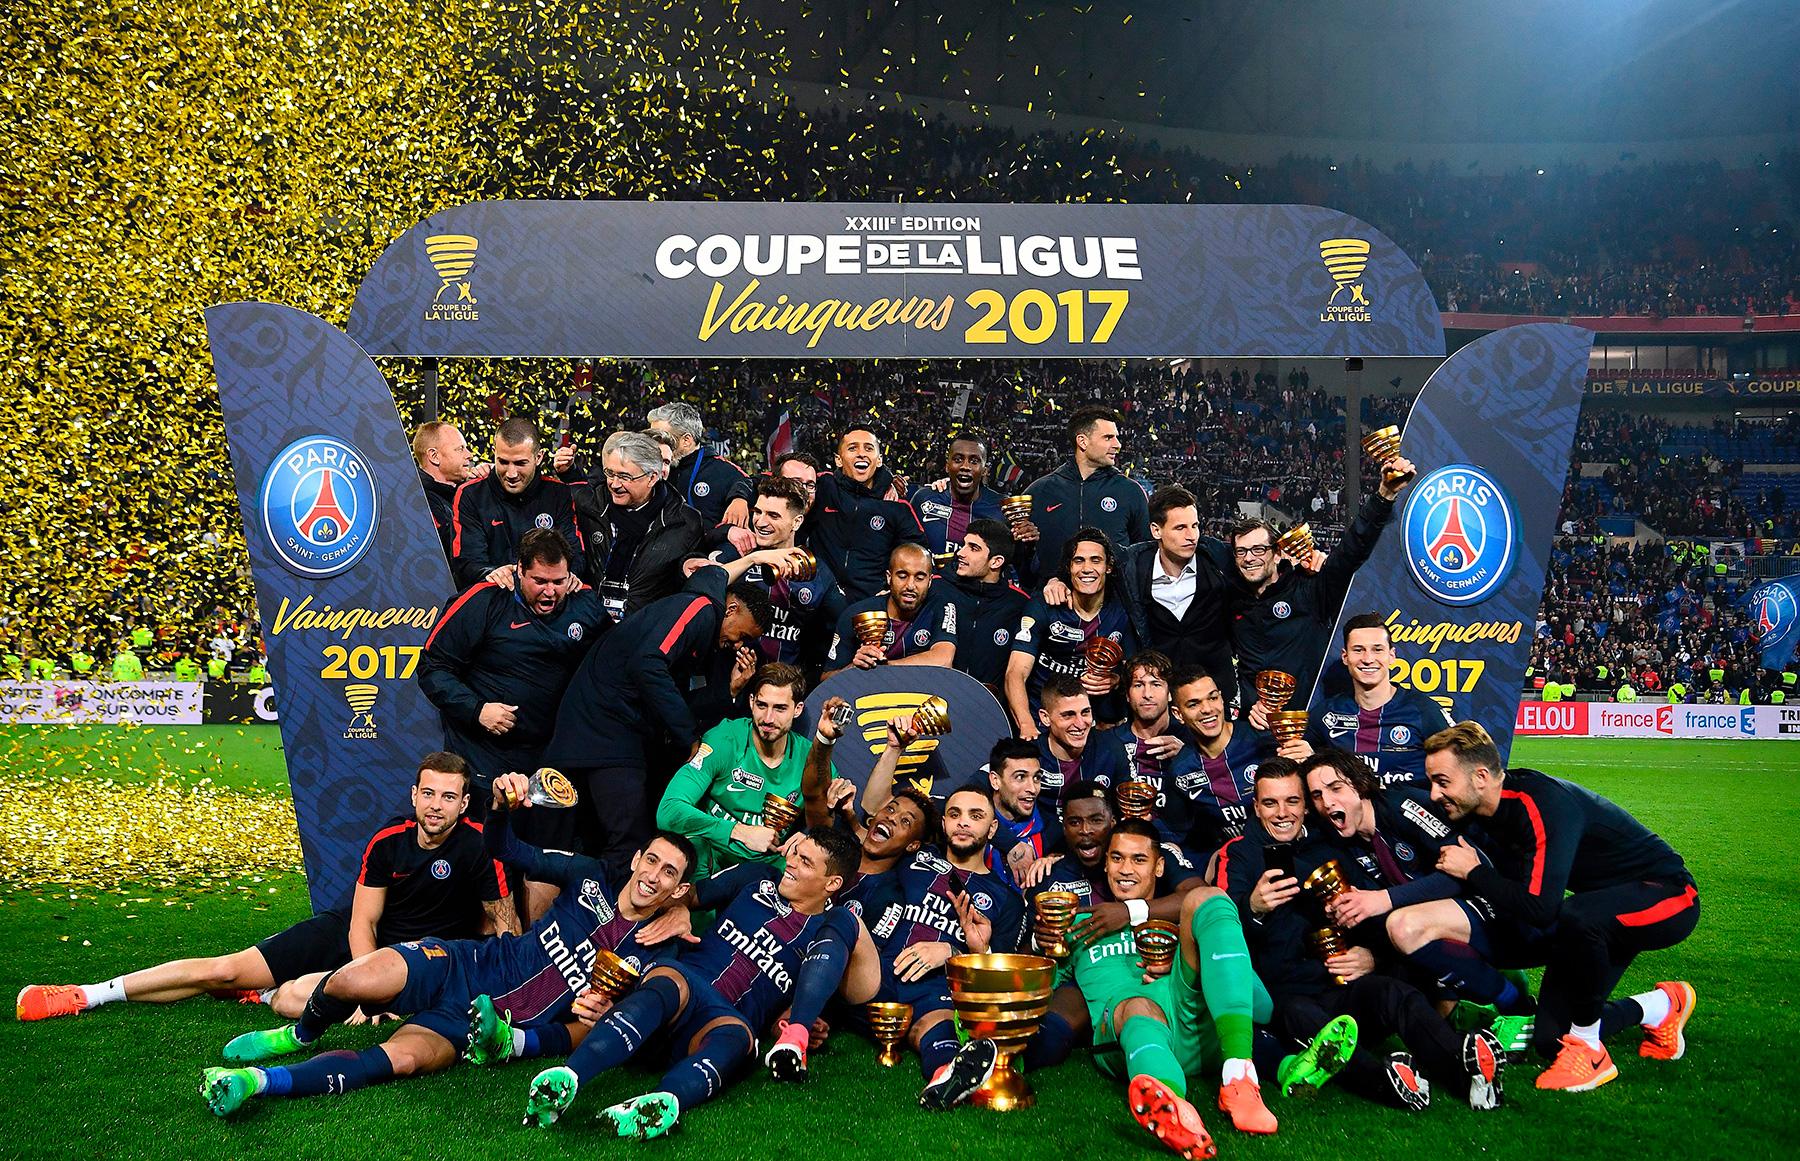 Match in photos psg win fourth consecutive coupe de la ligue psg talk - Final de la coupe de la ligue ...